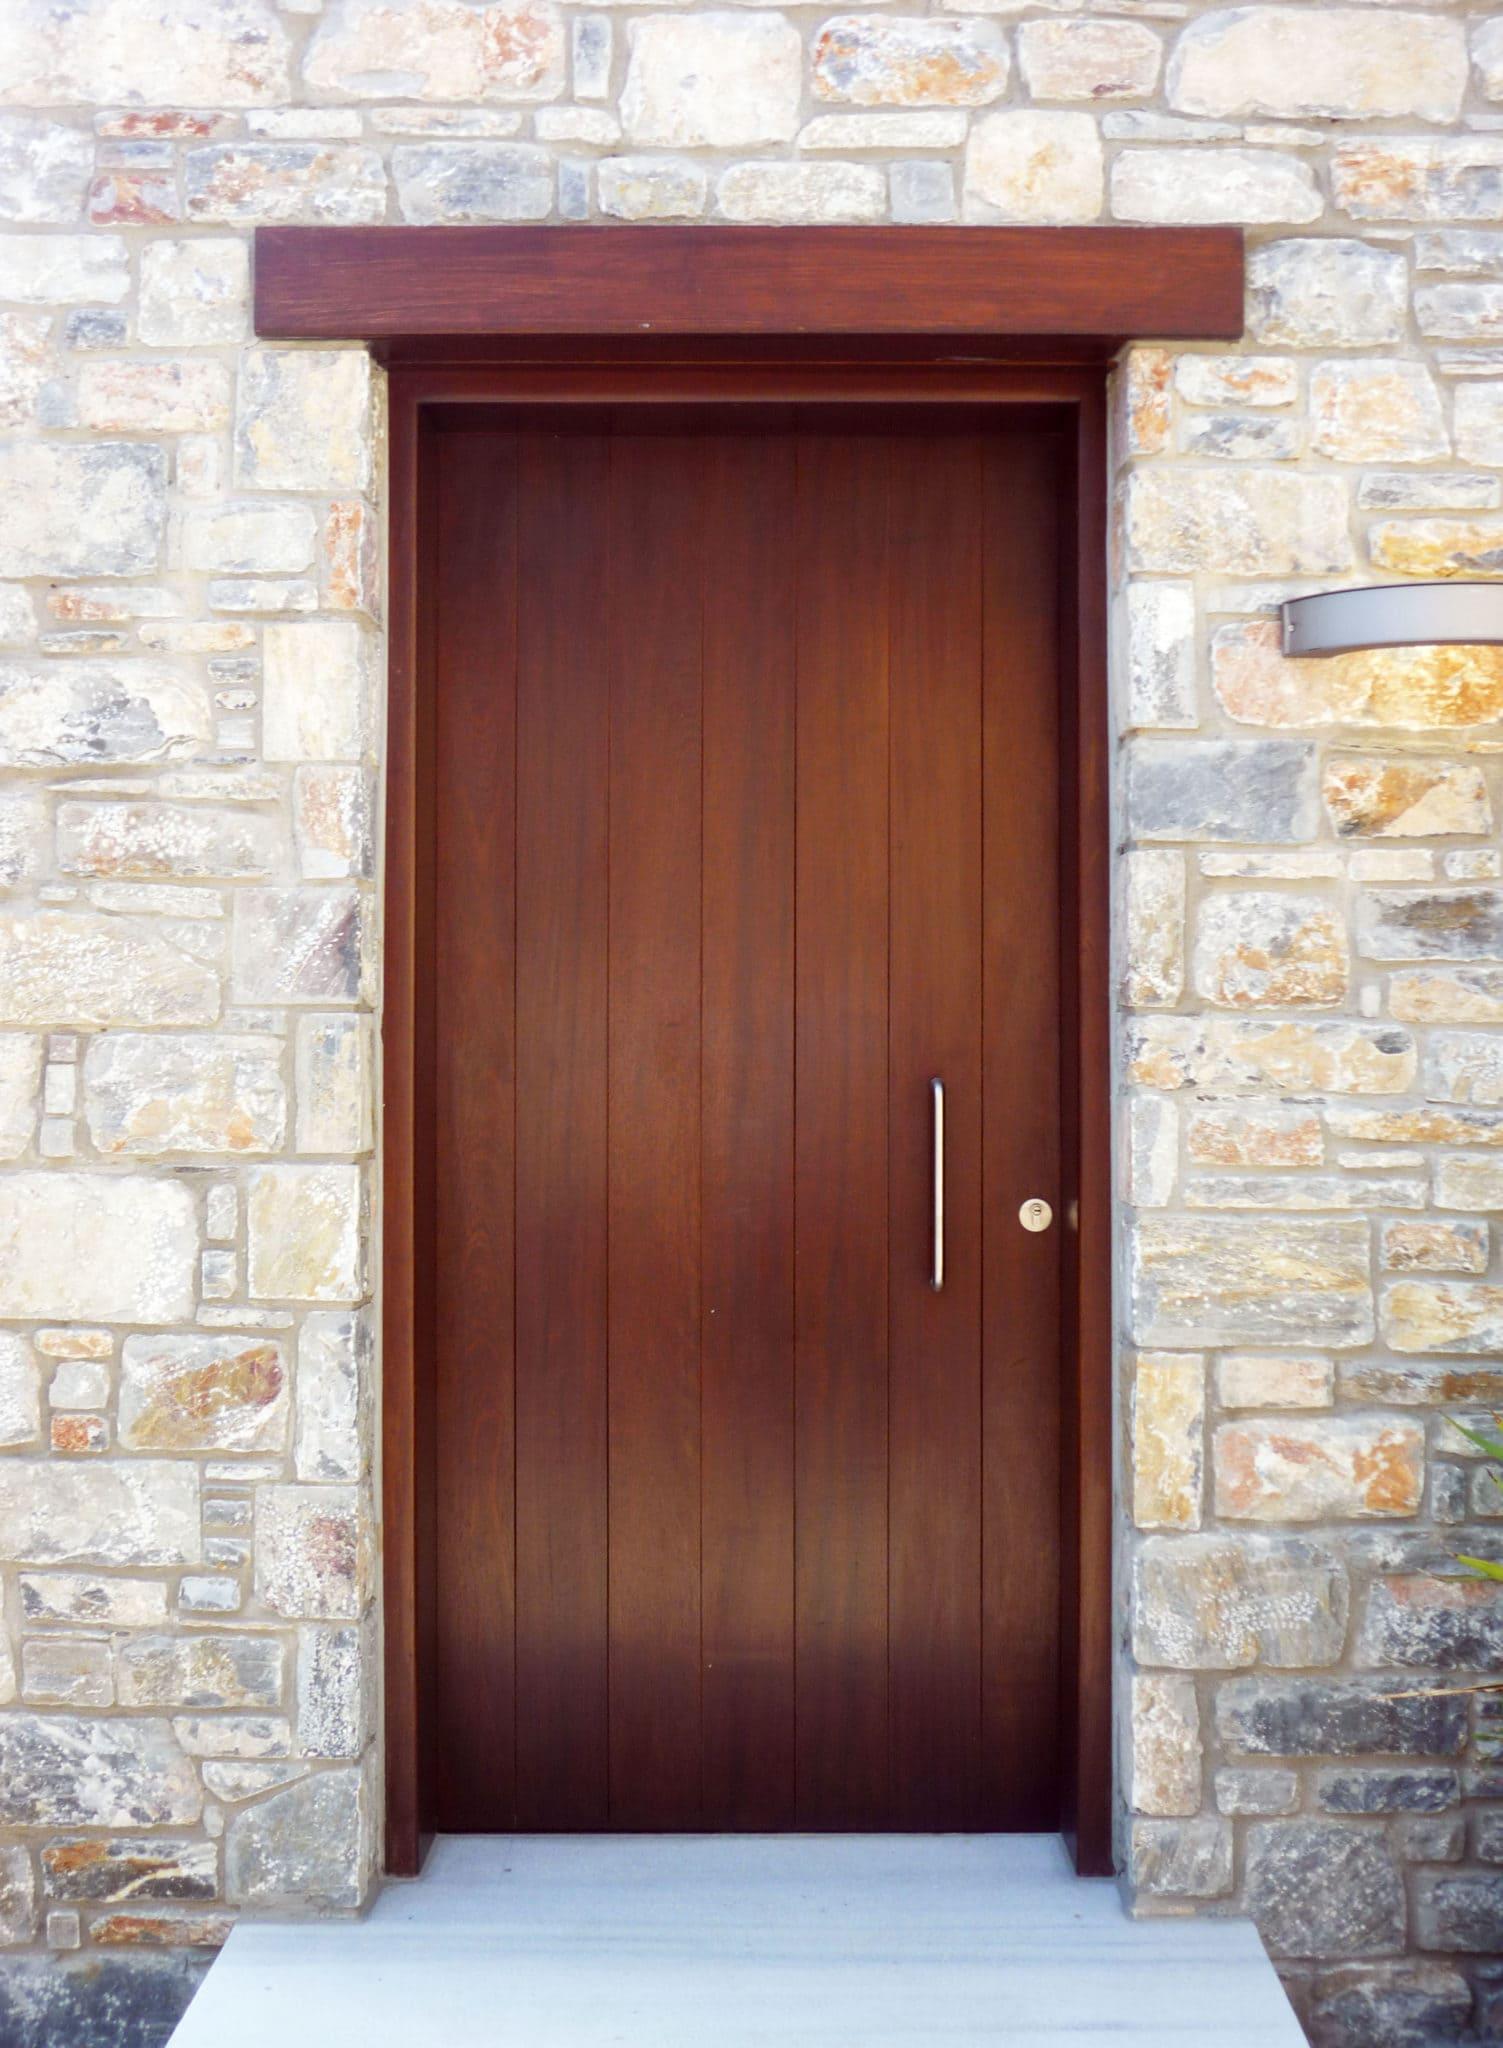 μονόφυλλη ξύλινη πόρτα ραμποτέ